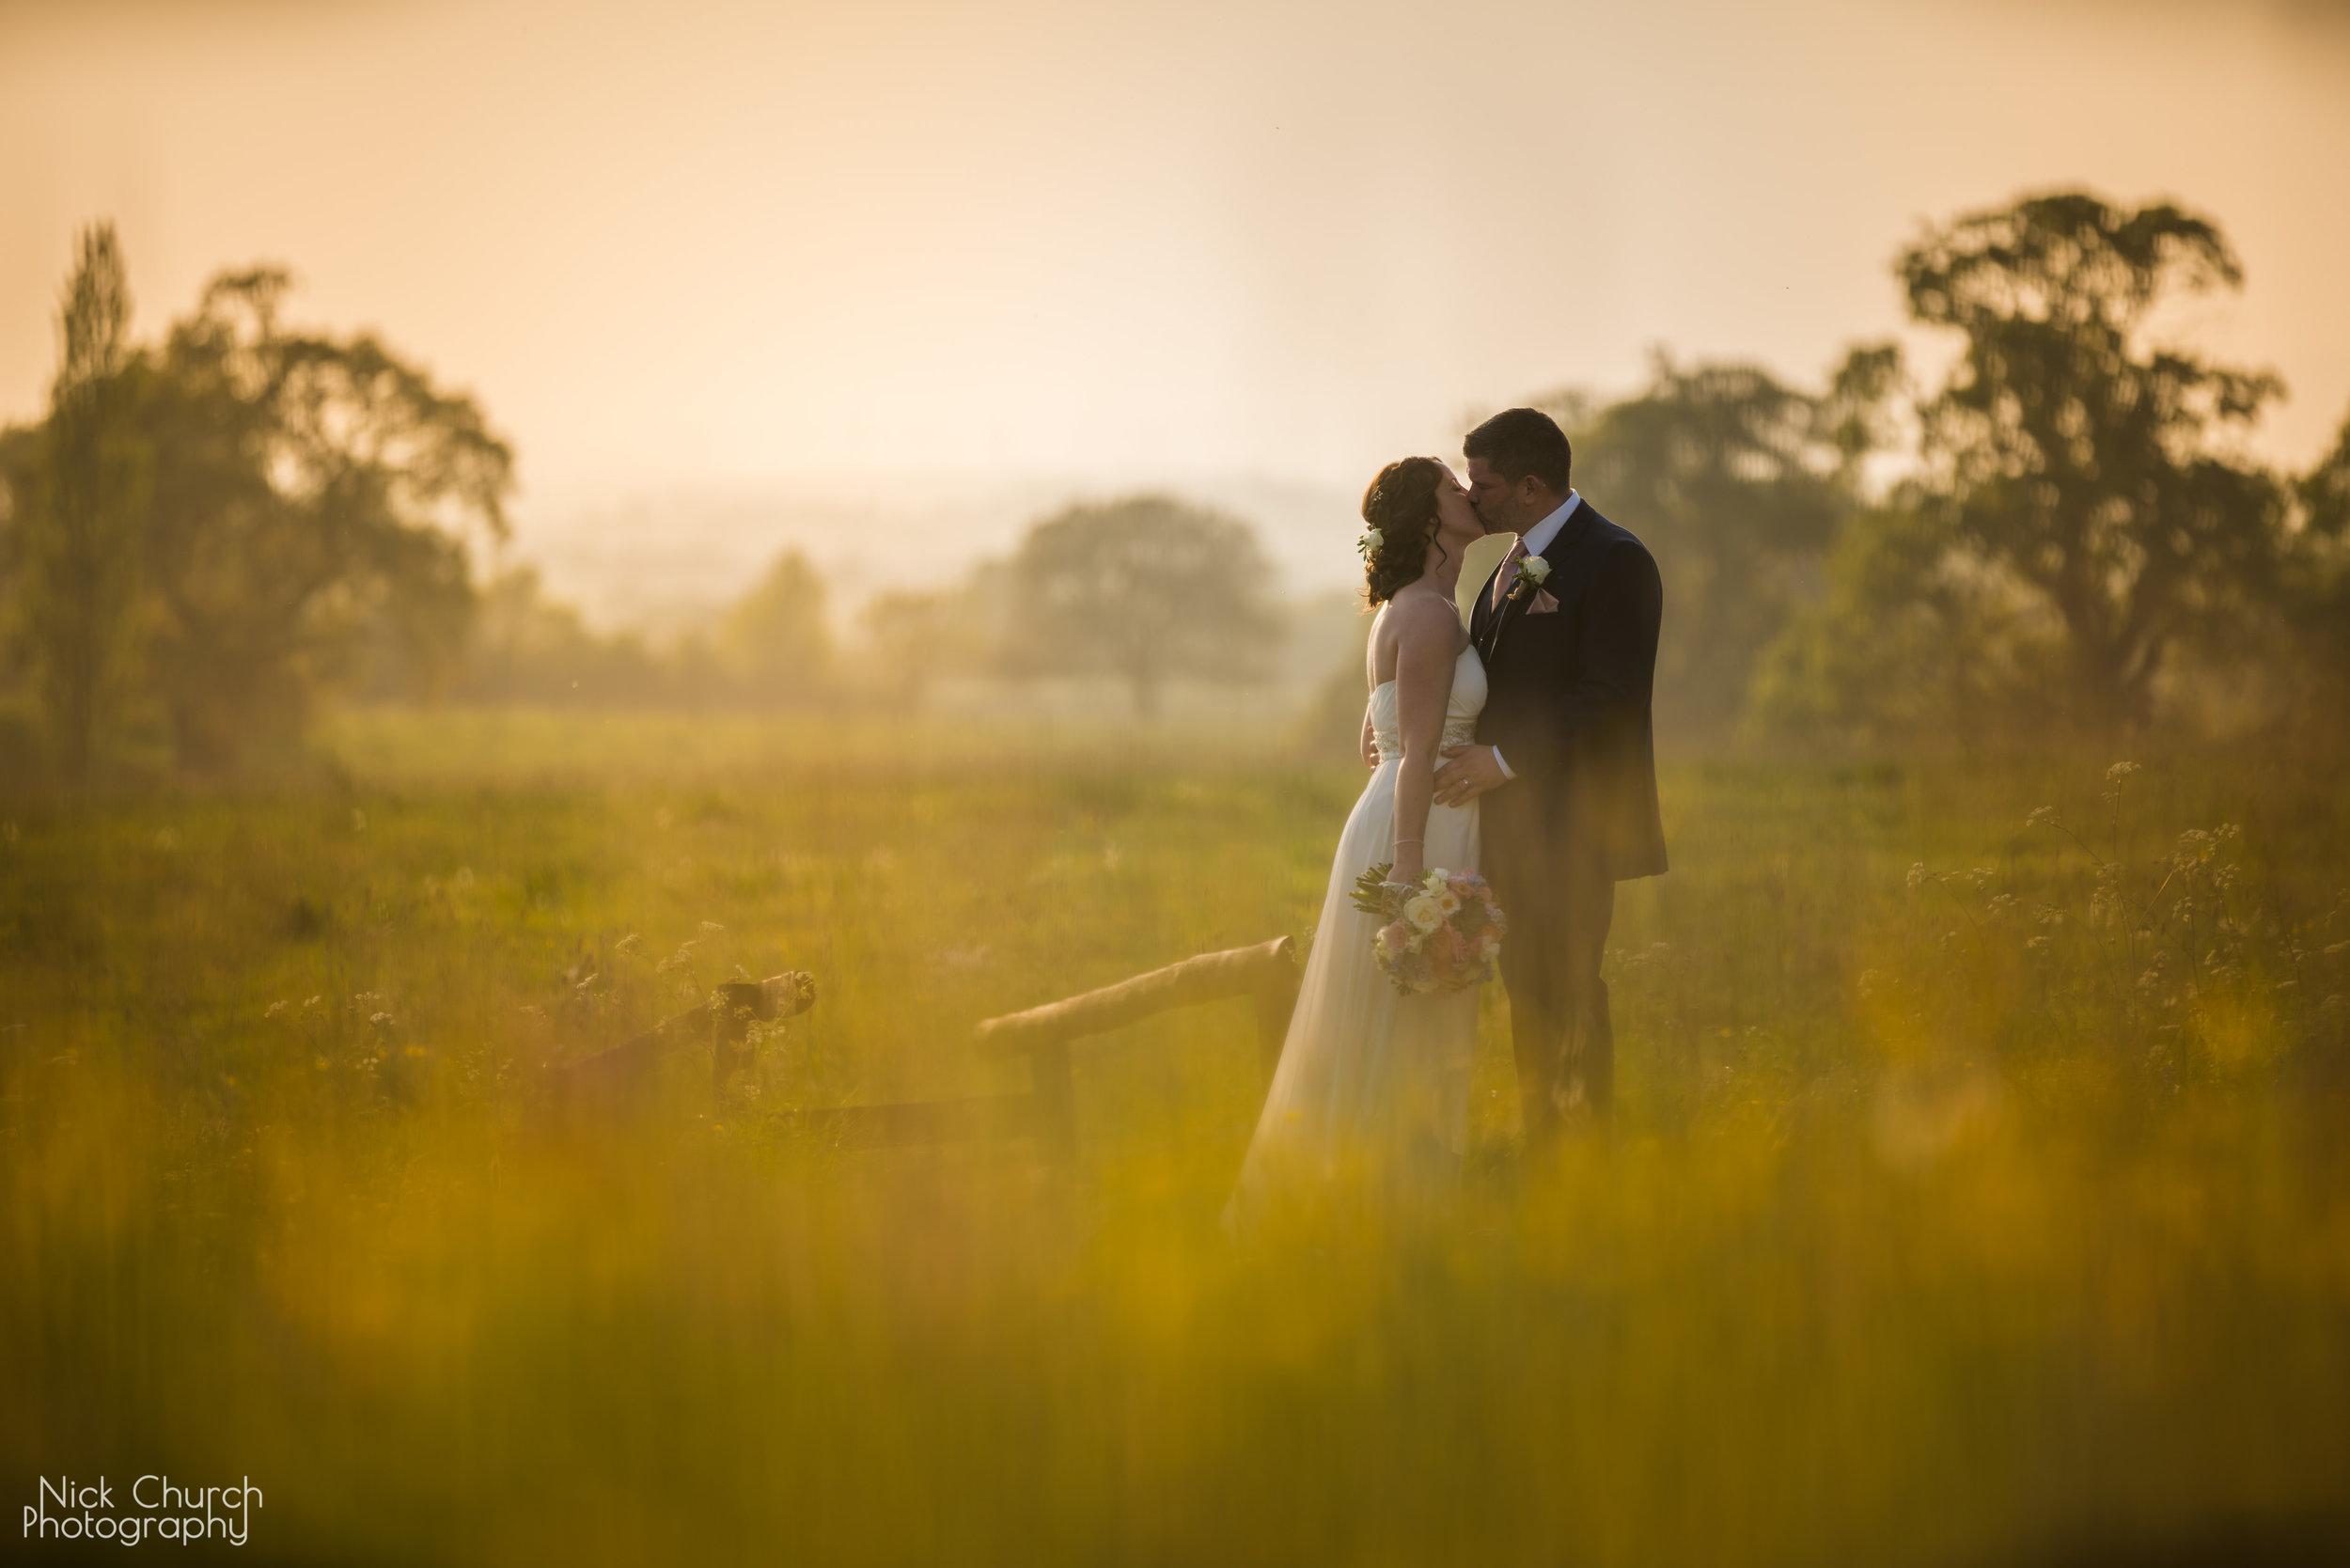 NC-2018-05-07-joanna-and-steve-wedding-1275.jpg